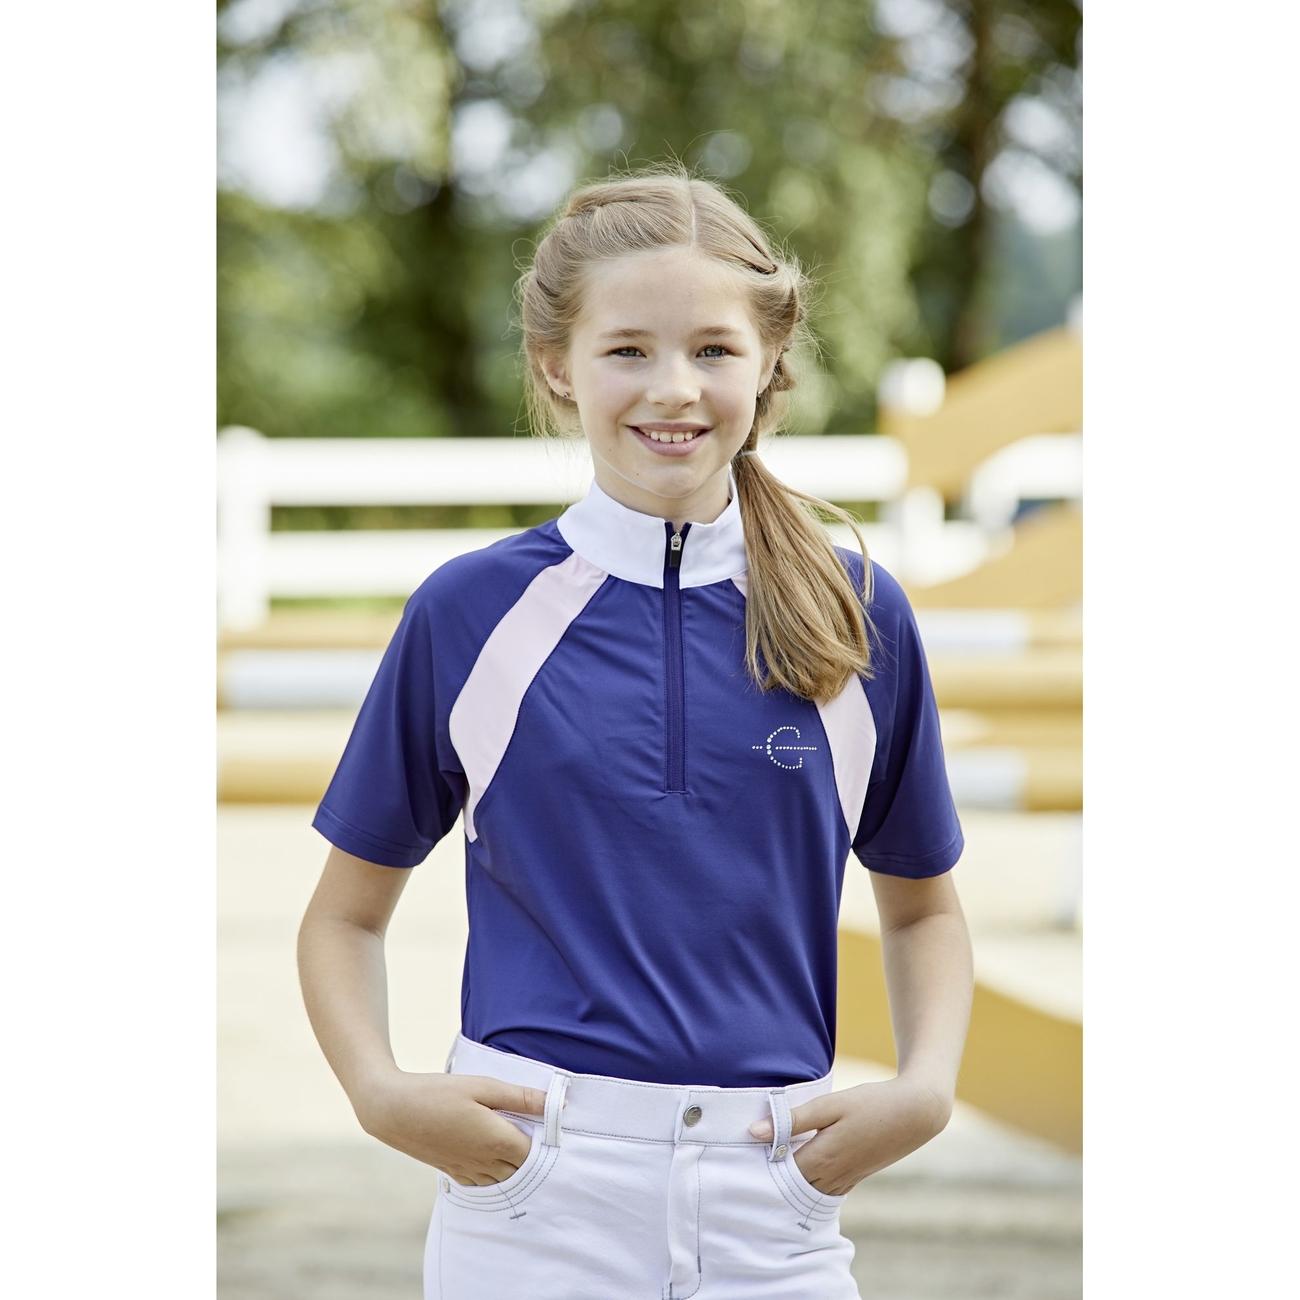 Covalliero Competition Shirt Lani für Kinder und Damen, Bild 4